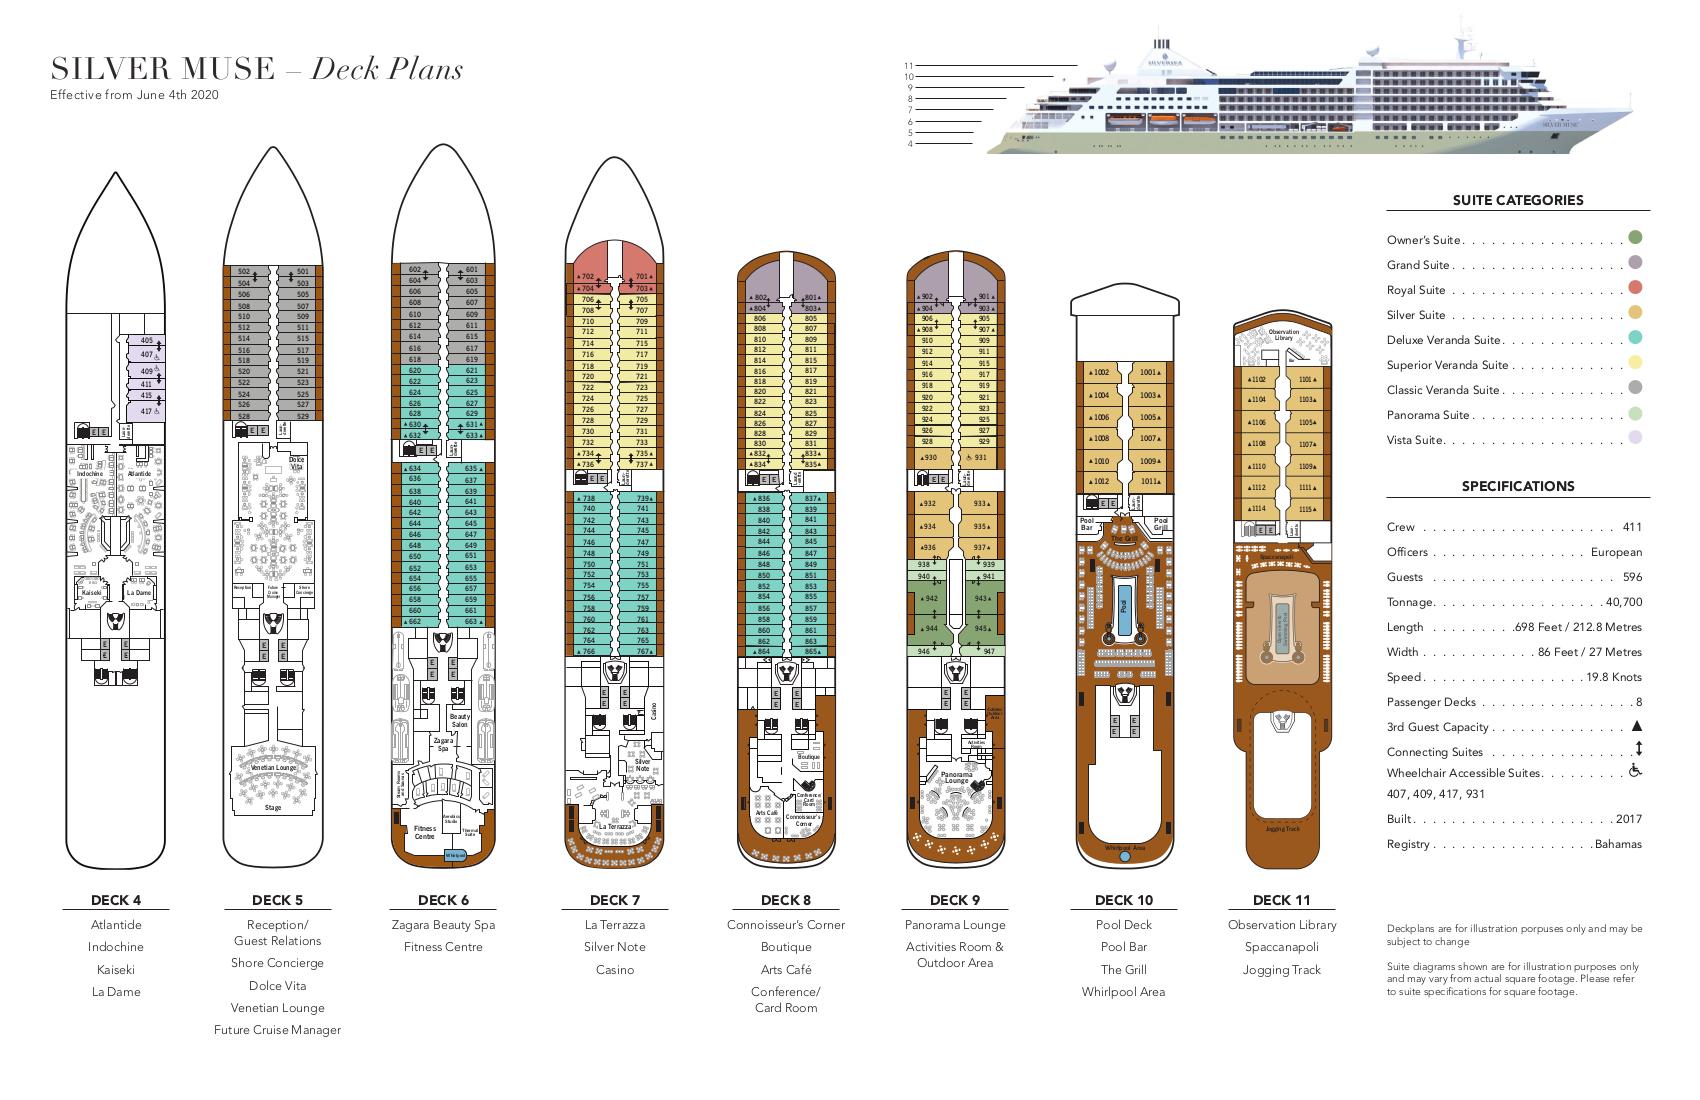 Deck_Plans_muse_2020_v6 1